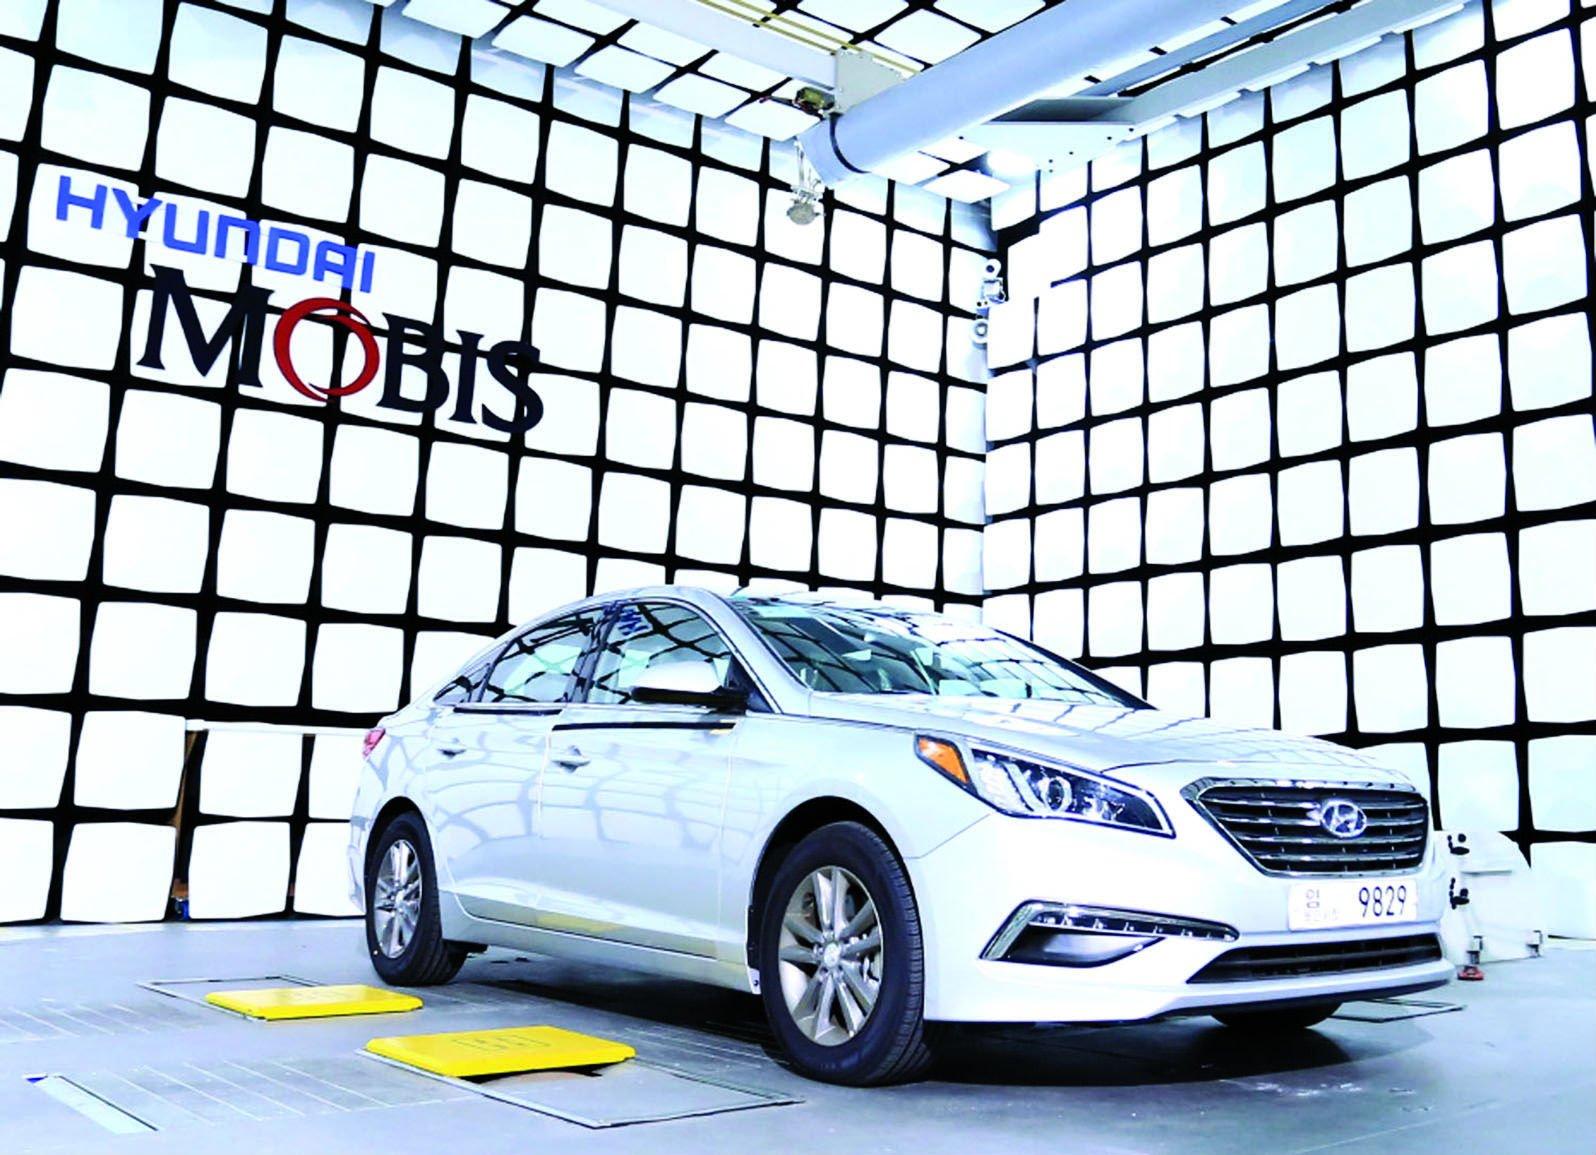 شرکت هیوندای موبیس یکی از بزرگ ترین شرکت های تولید خودرو و قط